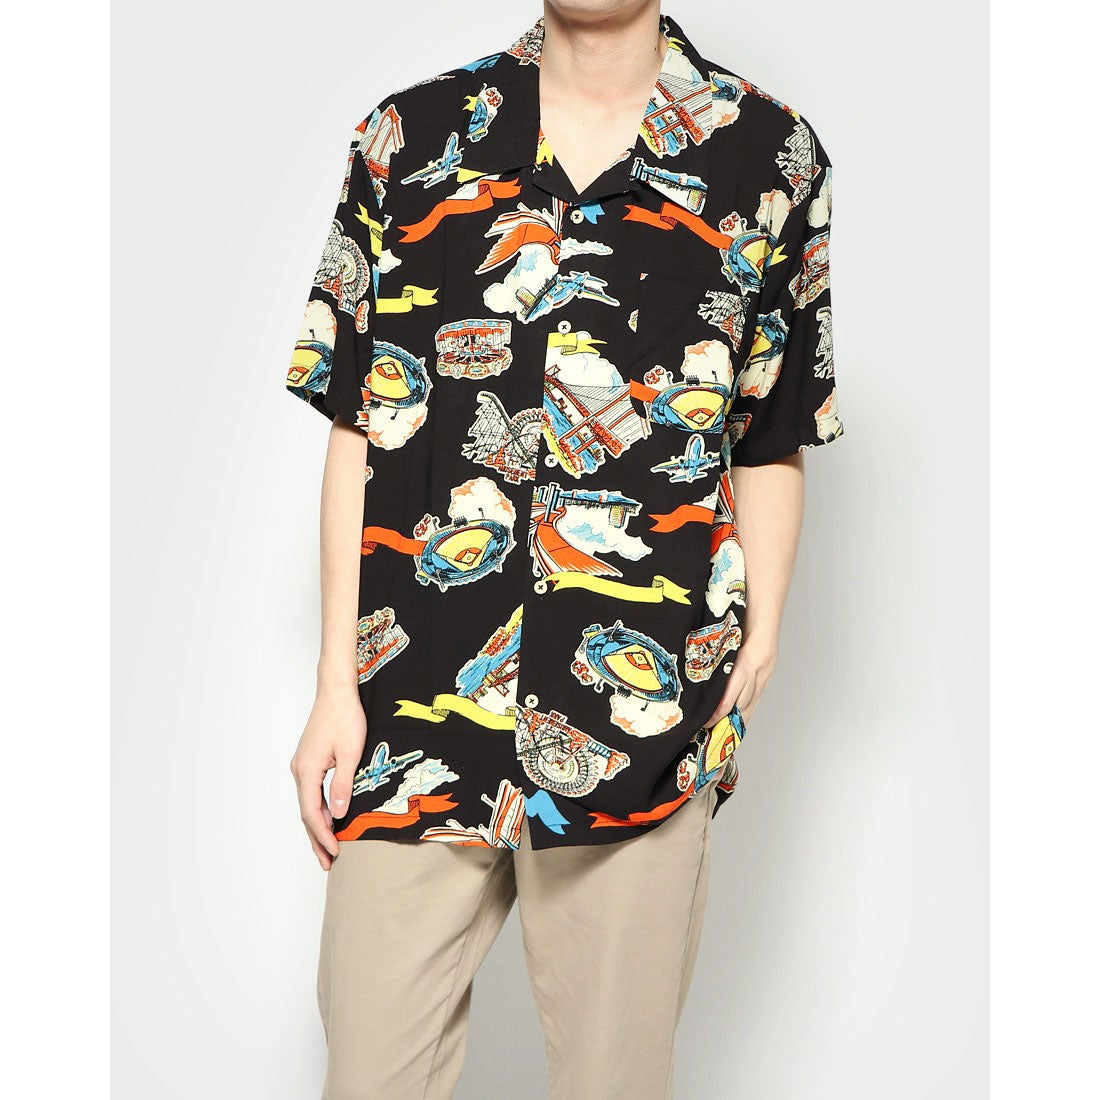 ロコンド 靴とファッションの通販サイトスタイルブロック STYLEBLOCK KINGレーヨンアロハシャツ (Hブラック)